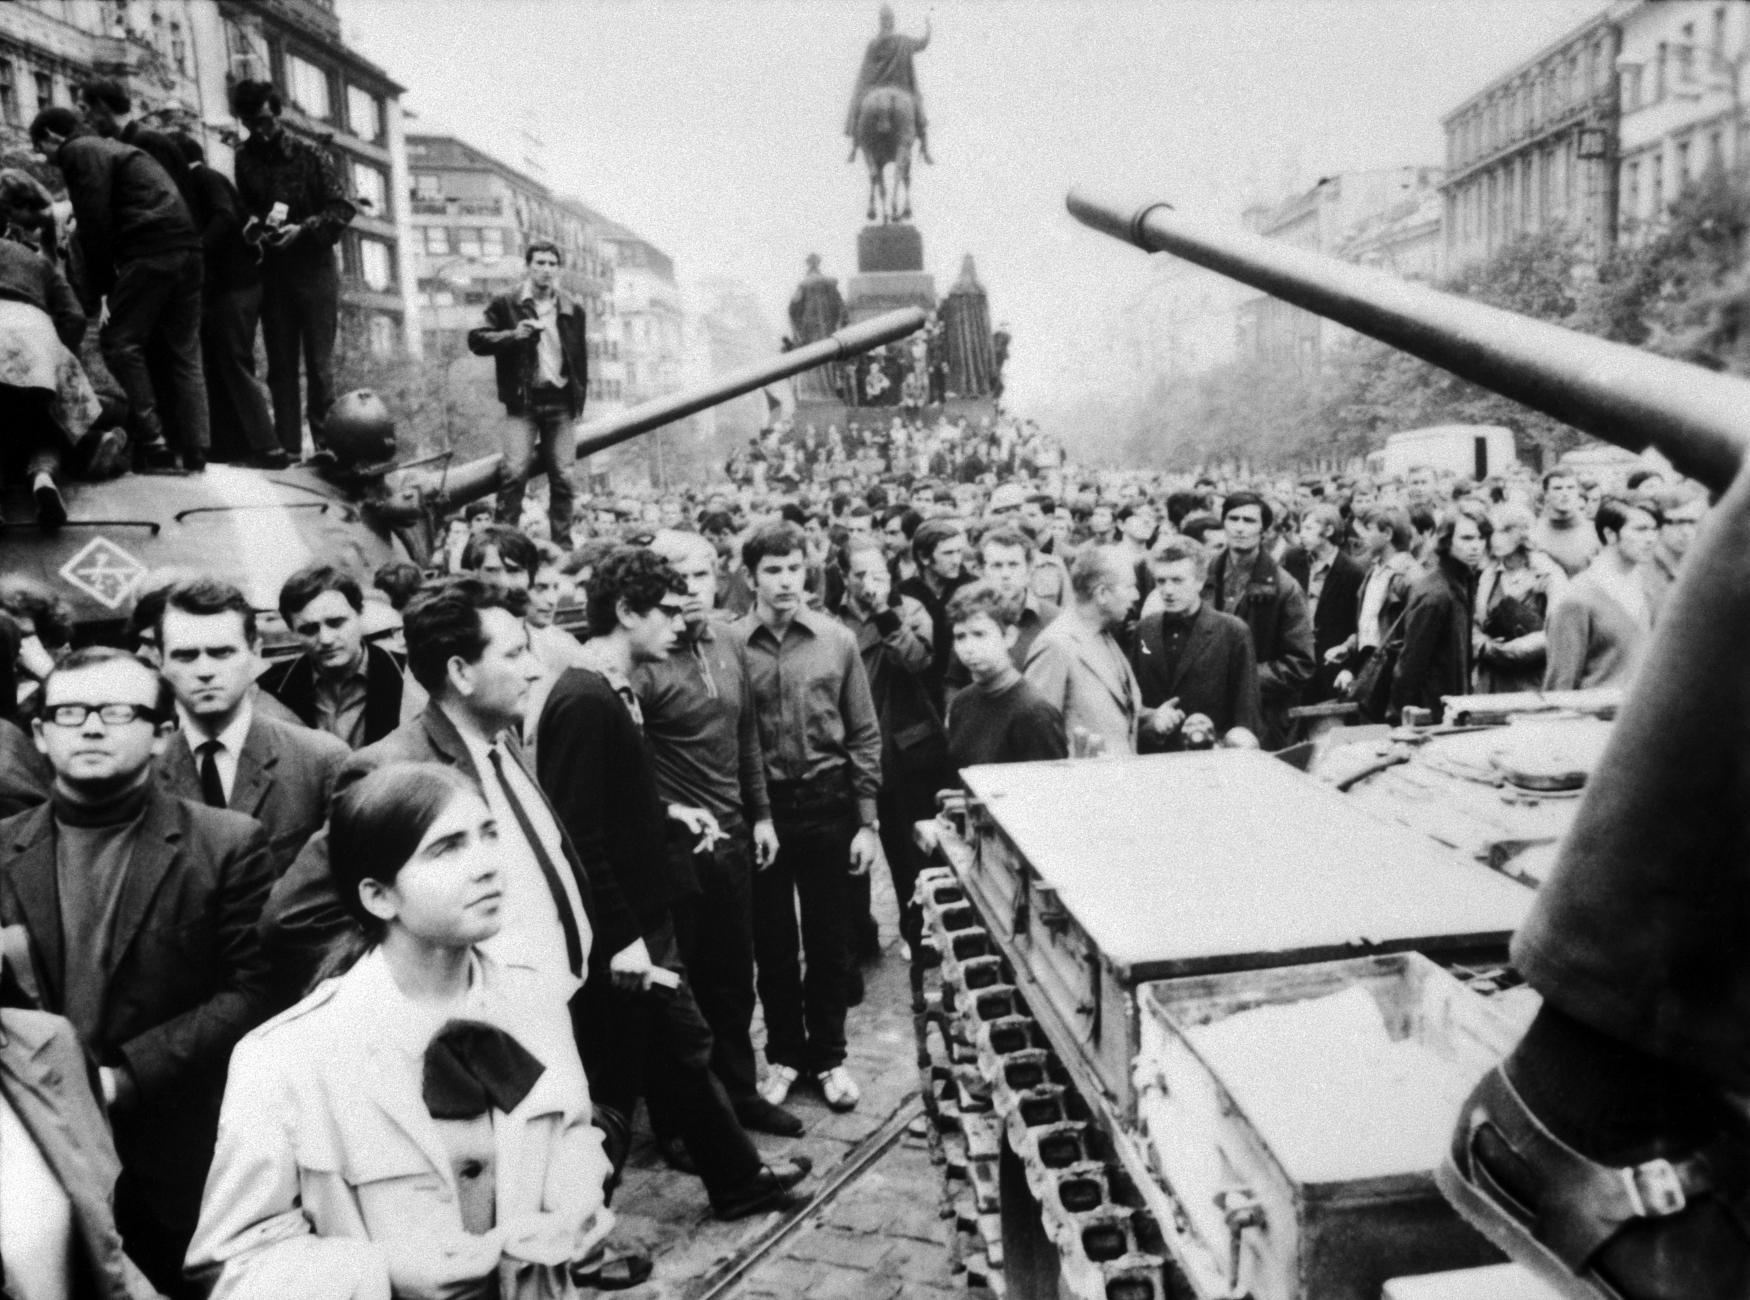 Якая краіна Варшаўскай дамовы адмовілася ўводзіць войскі ў Чэхаславаччыну ў 1968 годзе?